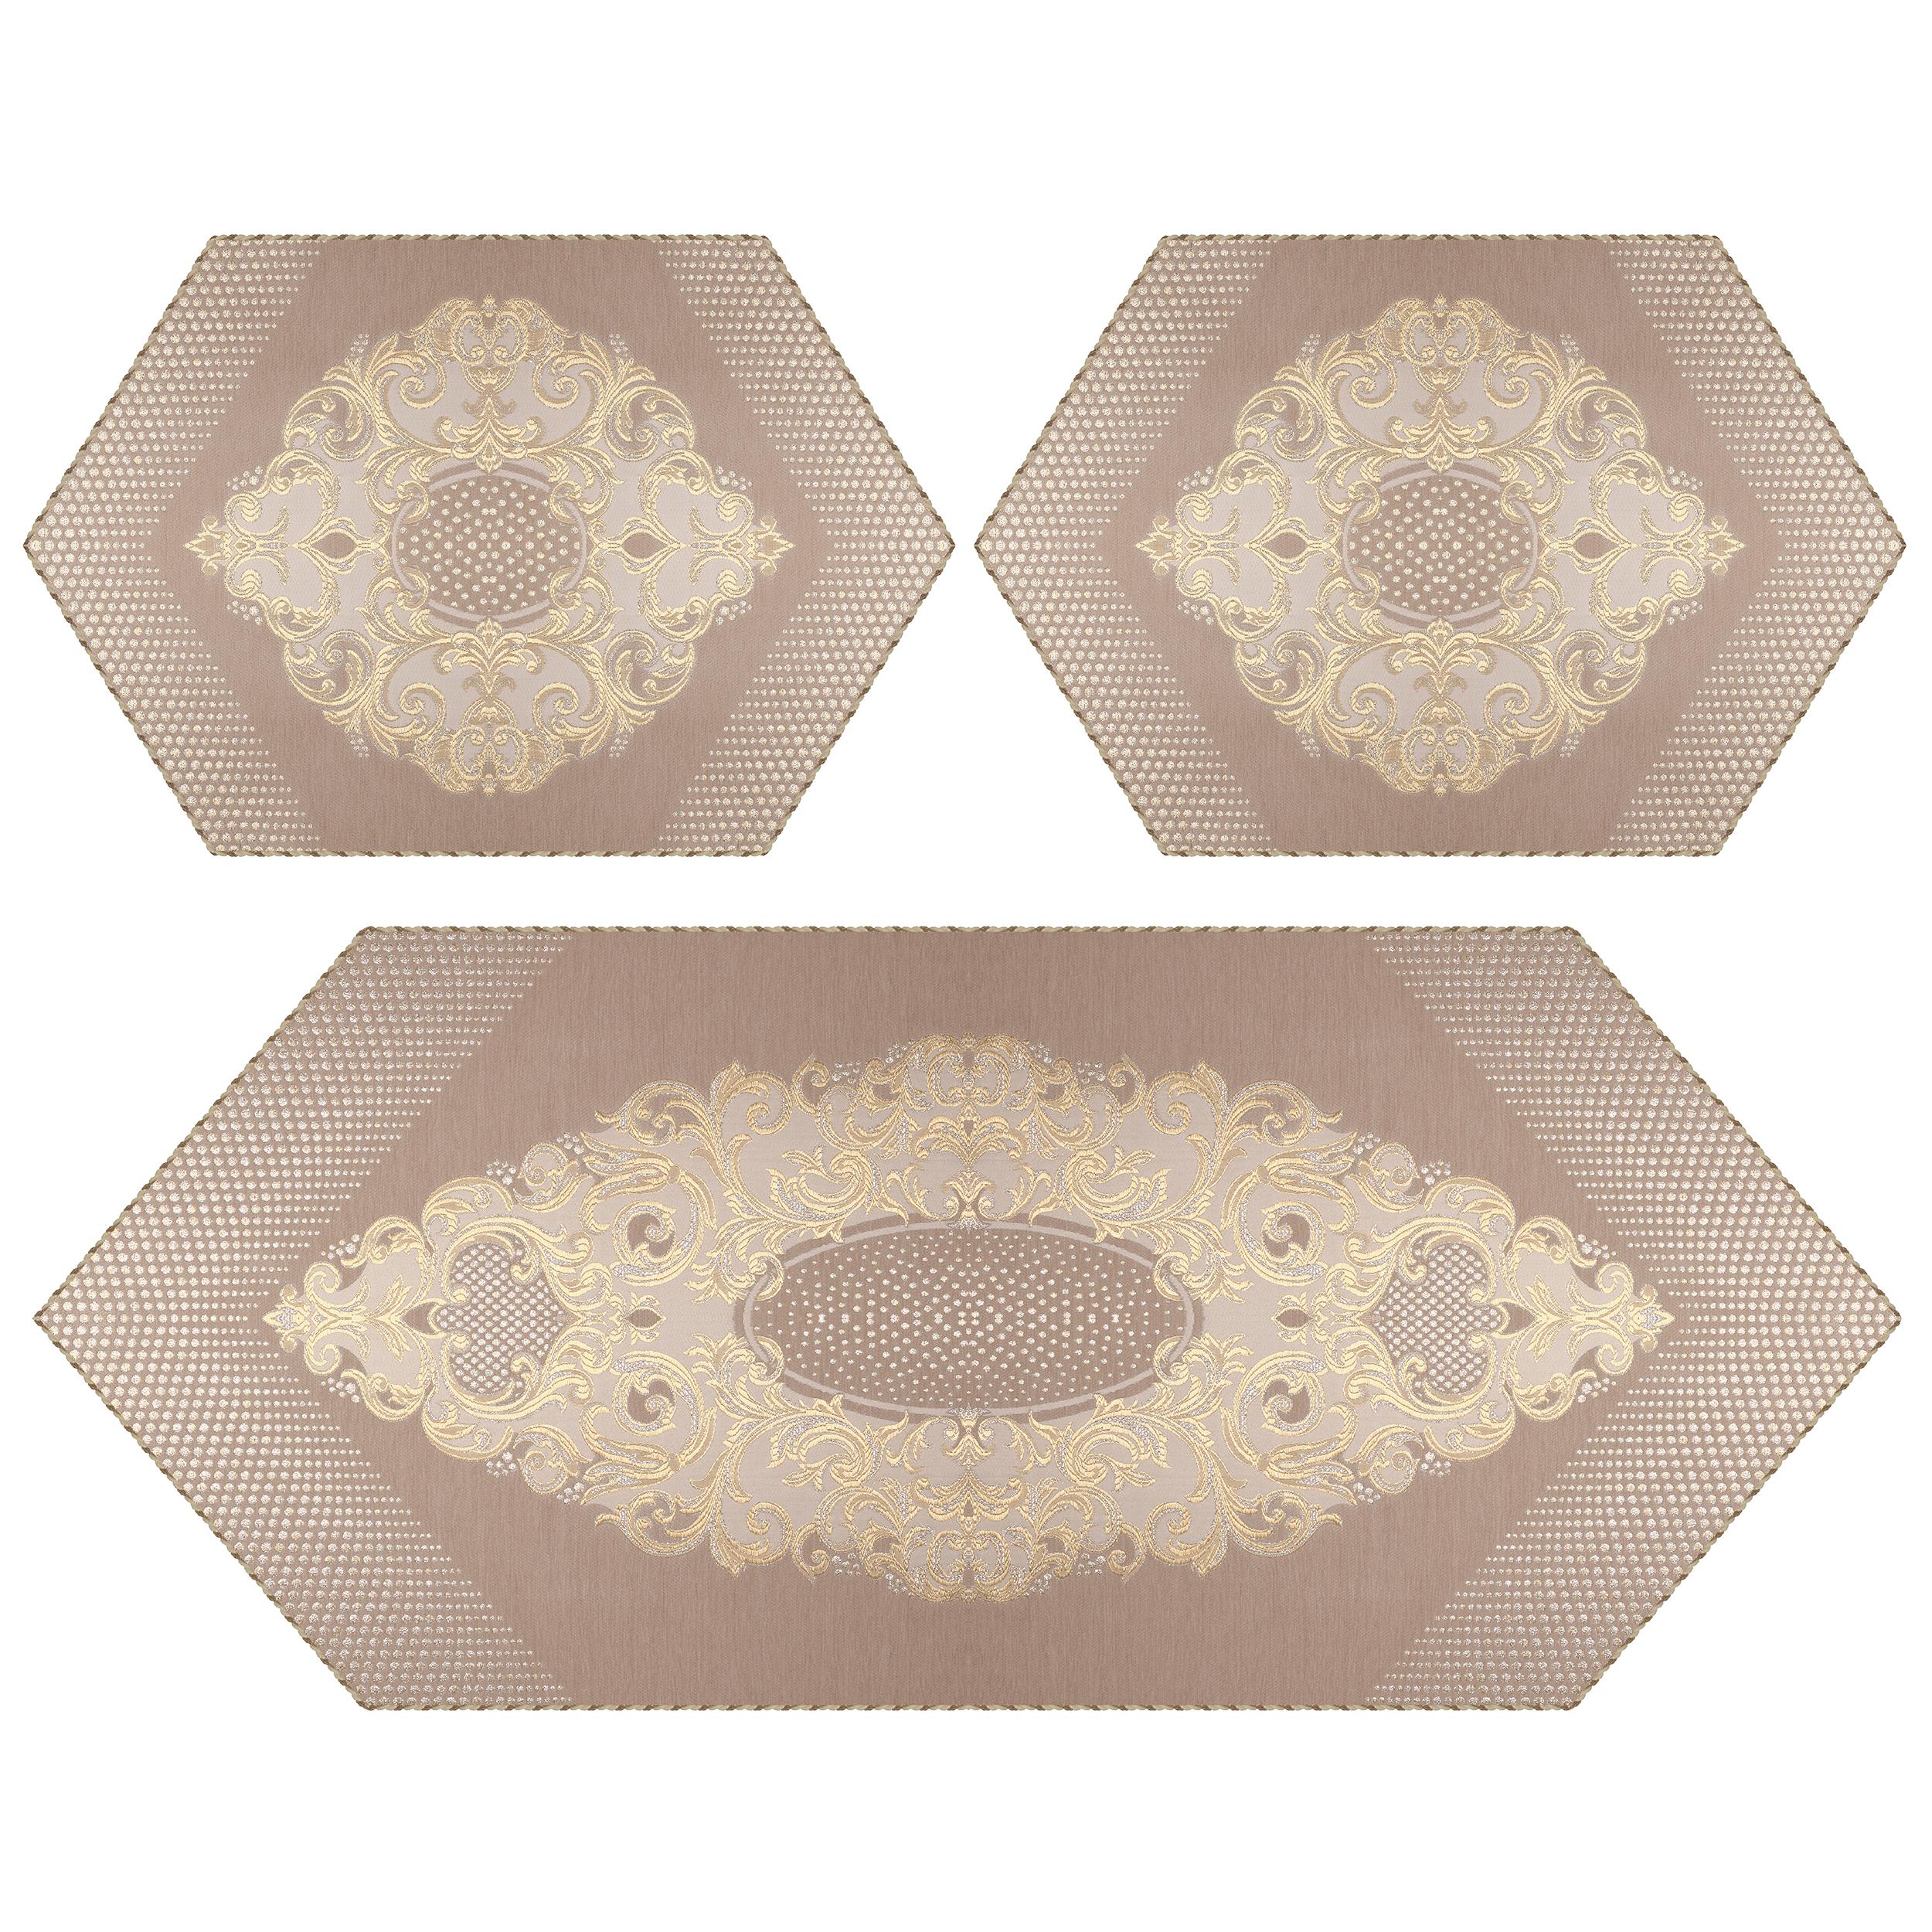 ست رومیزی سه تکه مدل سوین